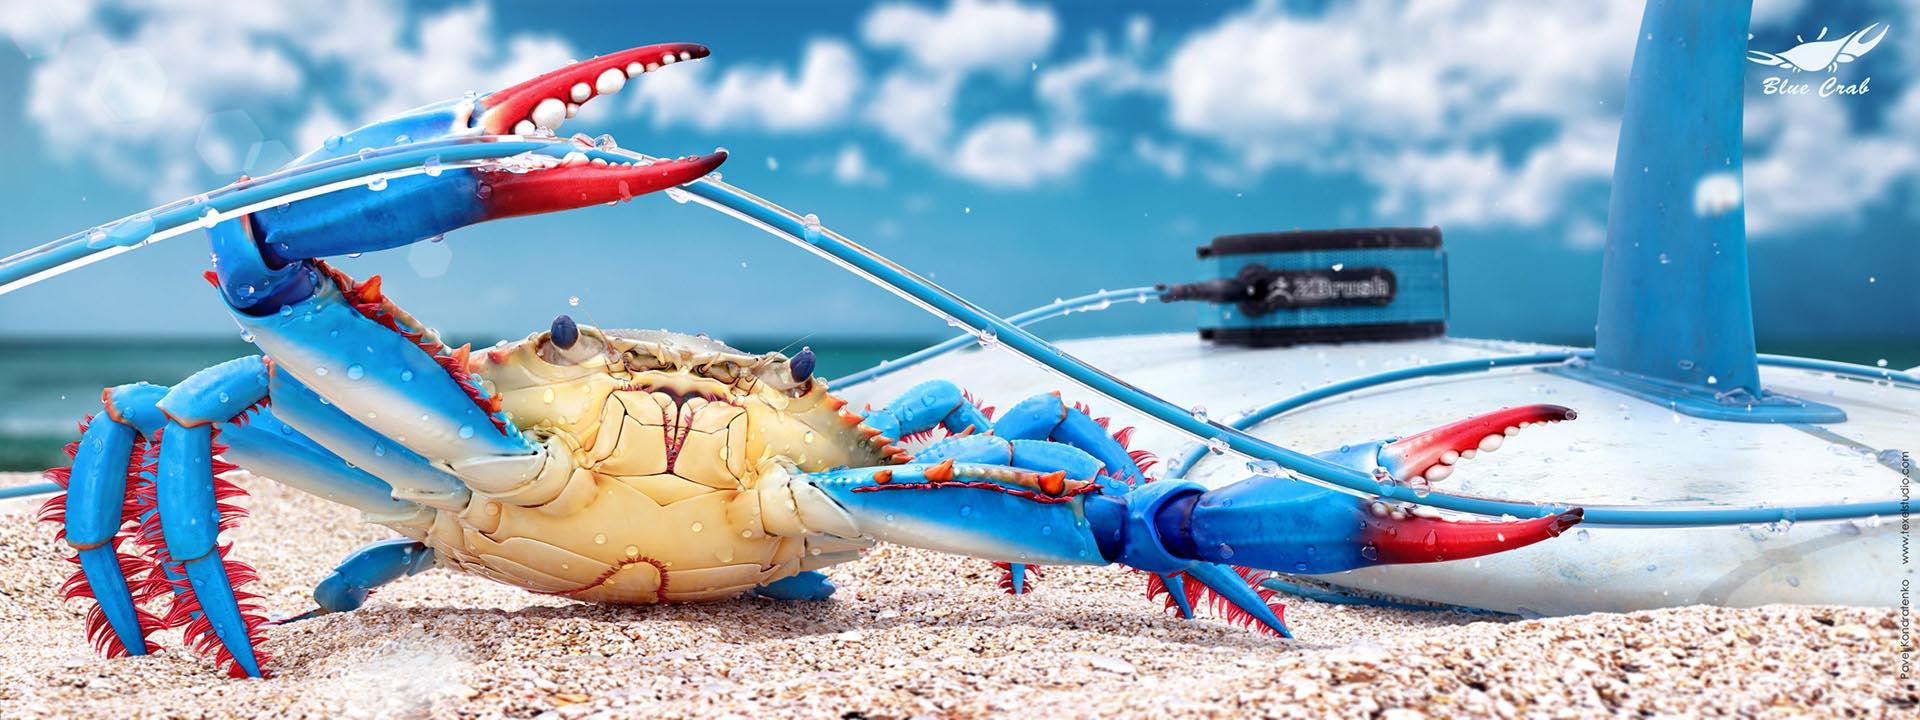 2013-10-15(146553)_crab_01_resolition_1920